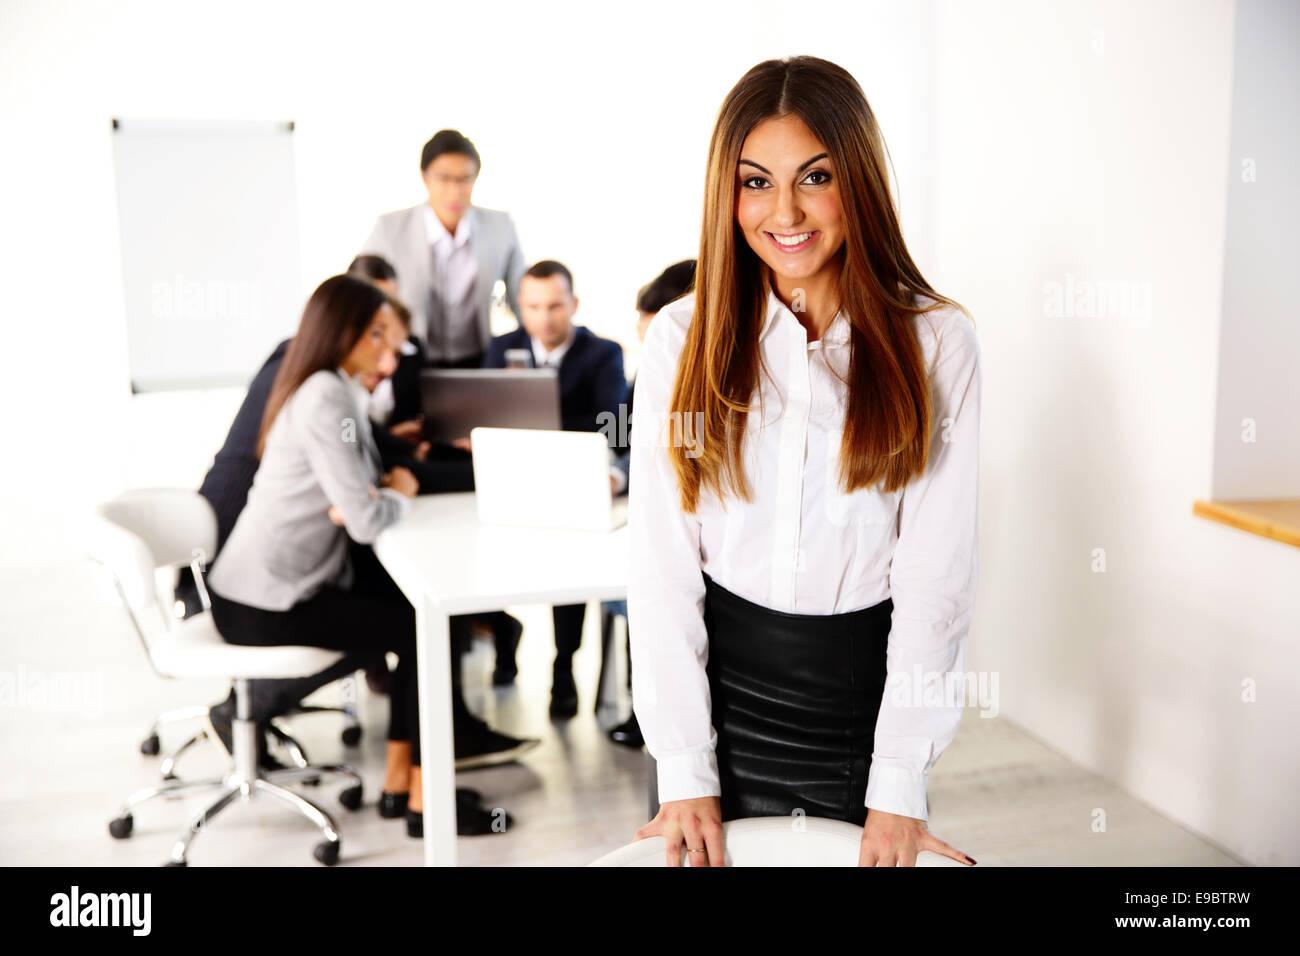 Retrato de un feliz empresaria en frente de reunión de negocios Imagen De Stock